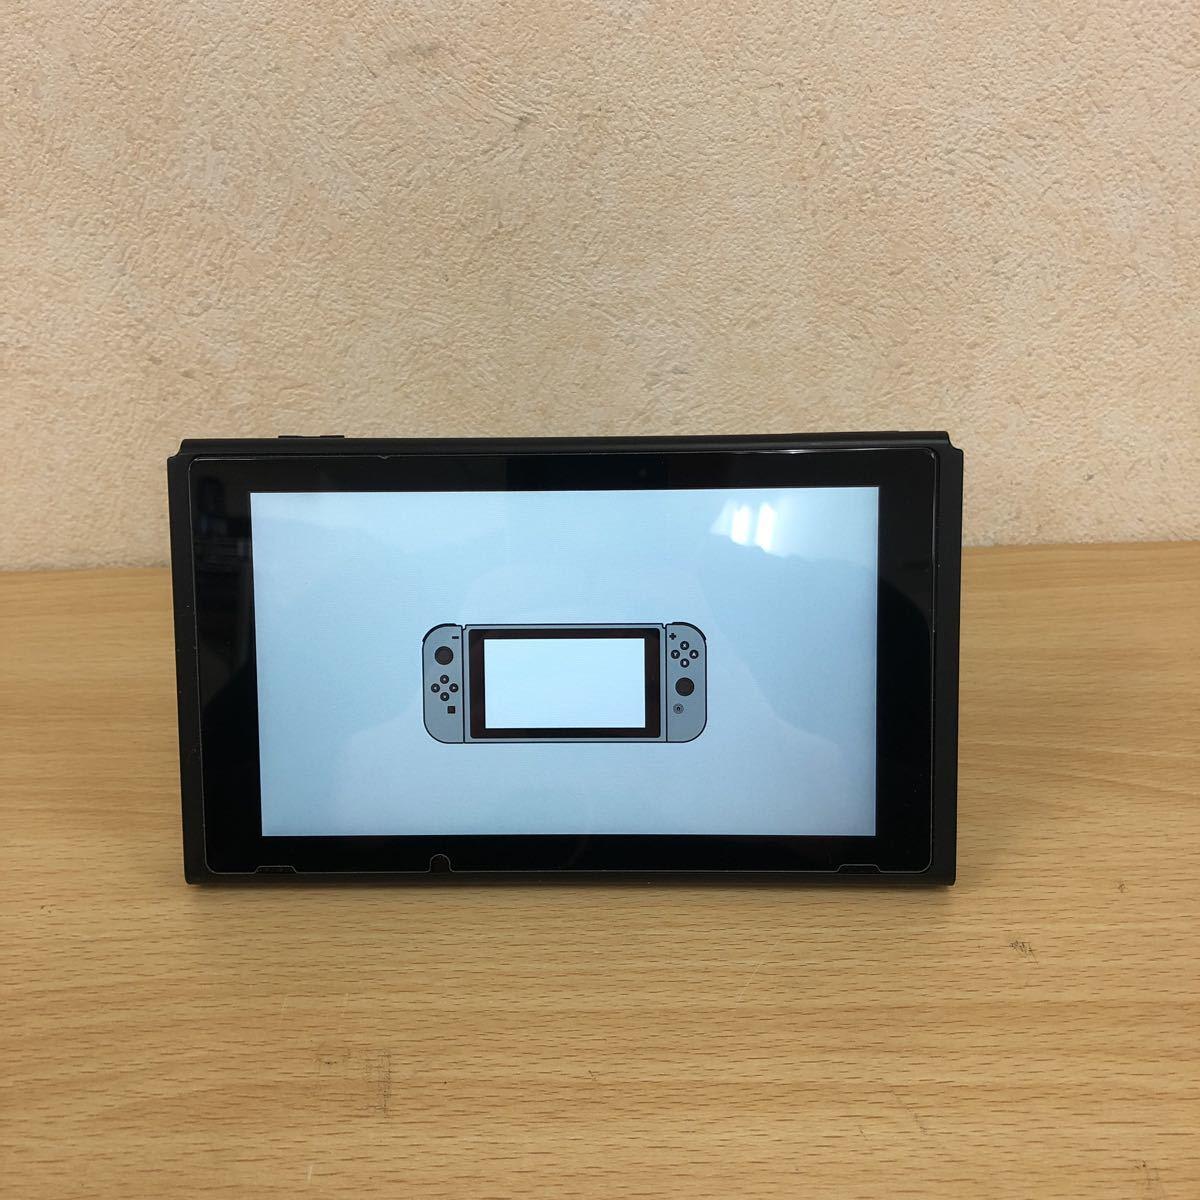 1円~ 中古品 任天堂 Nintendo Switch ニンテンドースイッチ 本体 256GB SD付 本体のみ